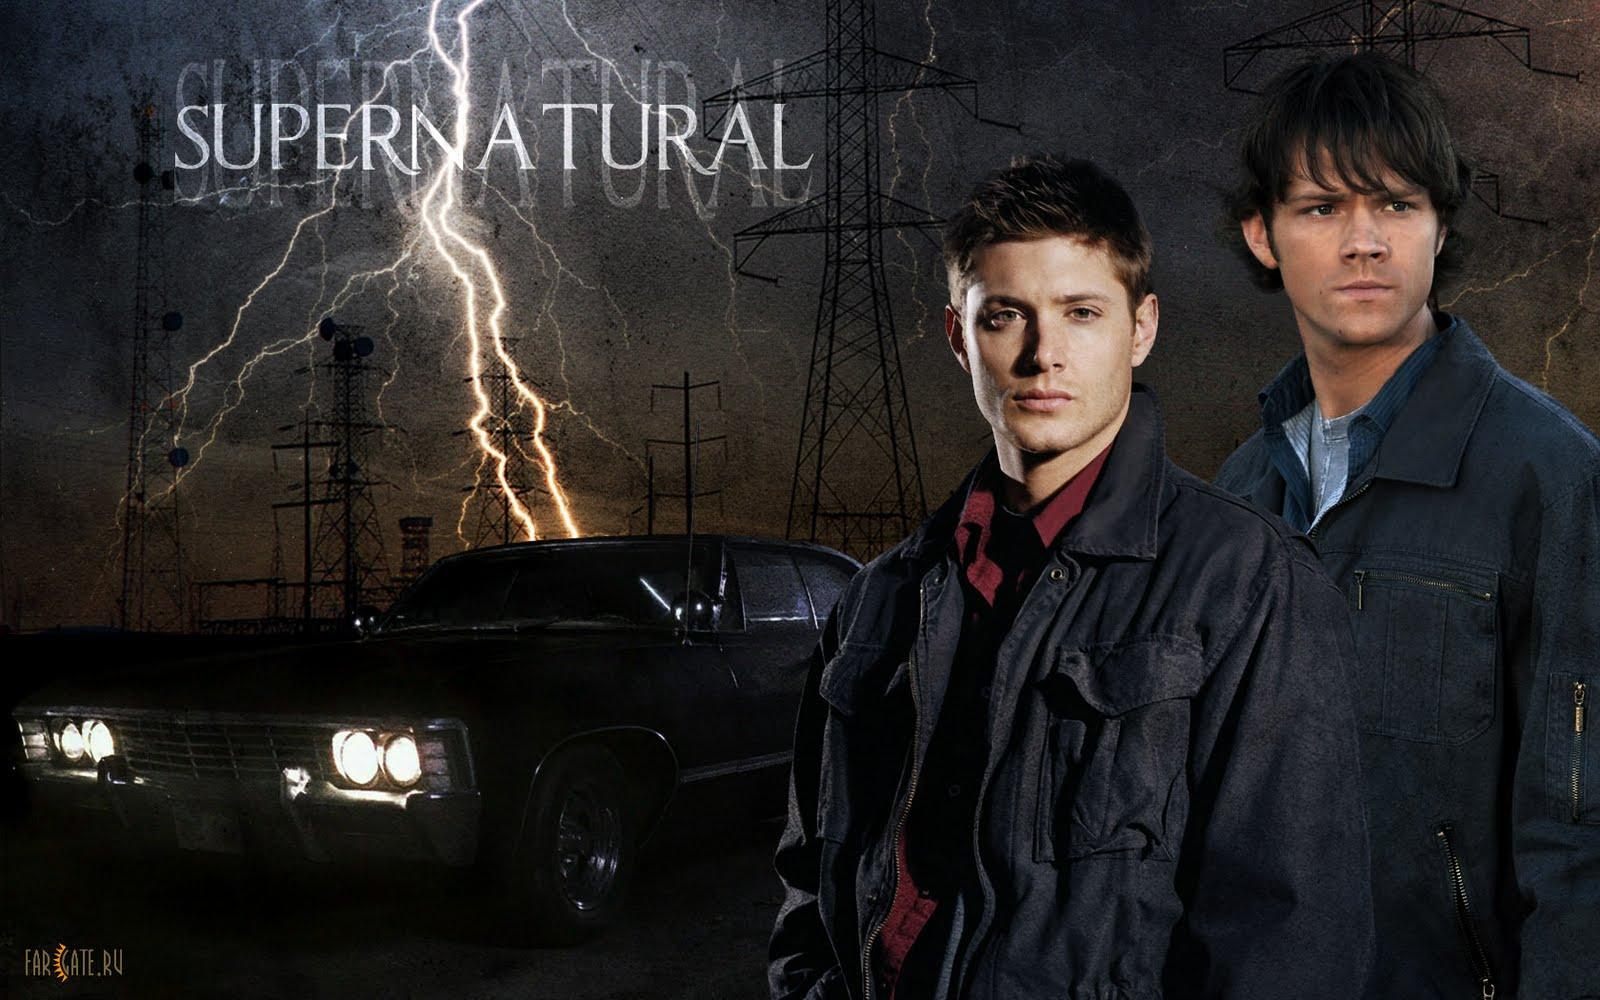 http://4.bp.blogspot.com/-pcGjMxOd2VU/TiiEtK3phwI/AAAAAAAAAOA/d3XUiec3Wxs/s1600/Supernatural-supernatural-6276113-1680-1050.jpg